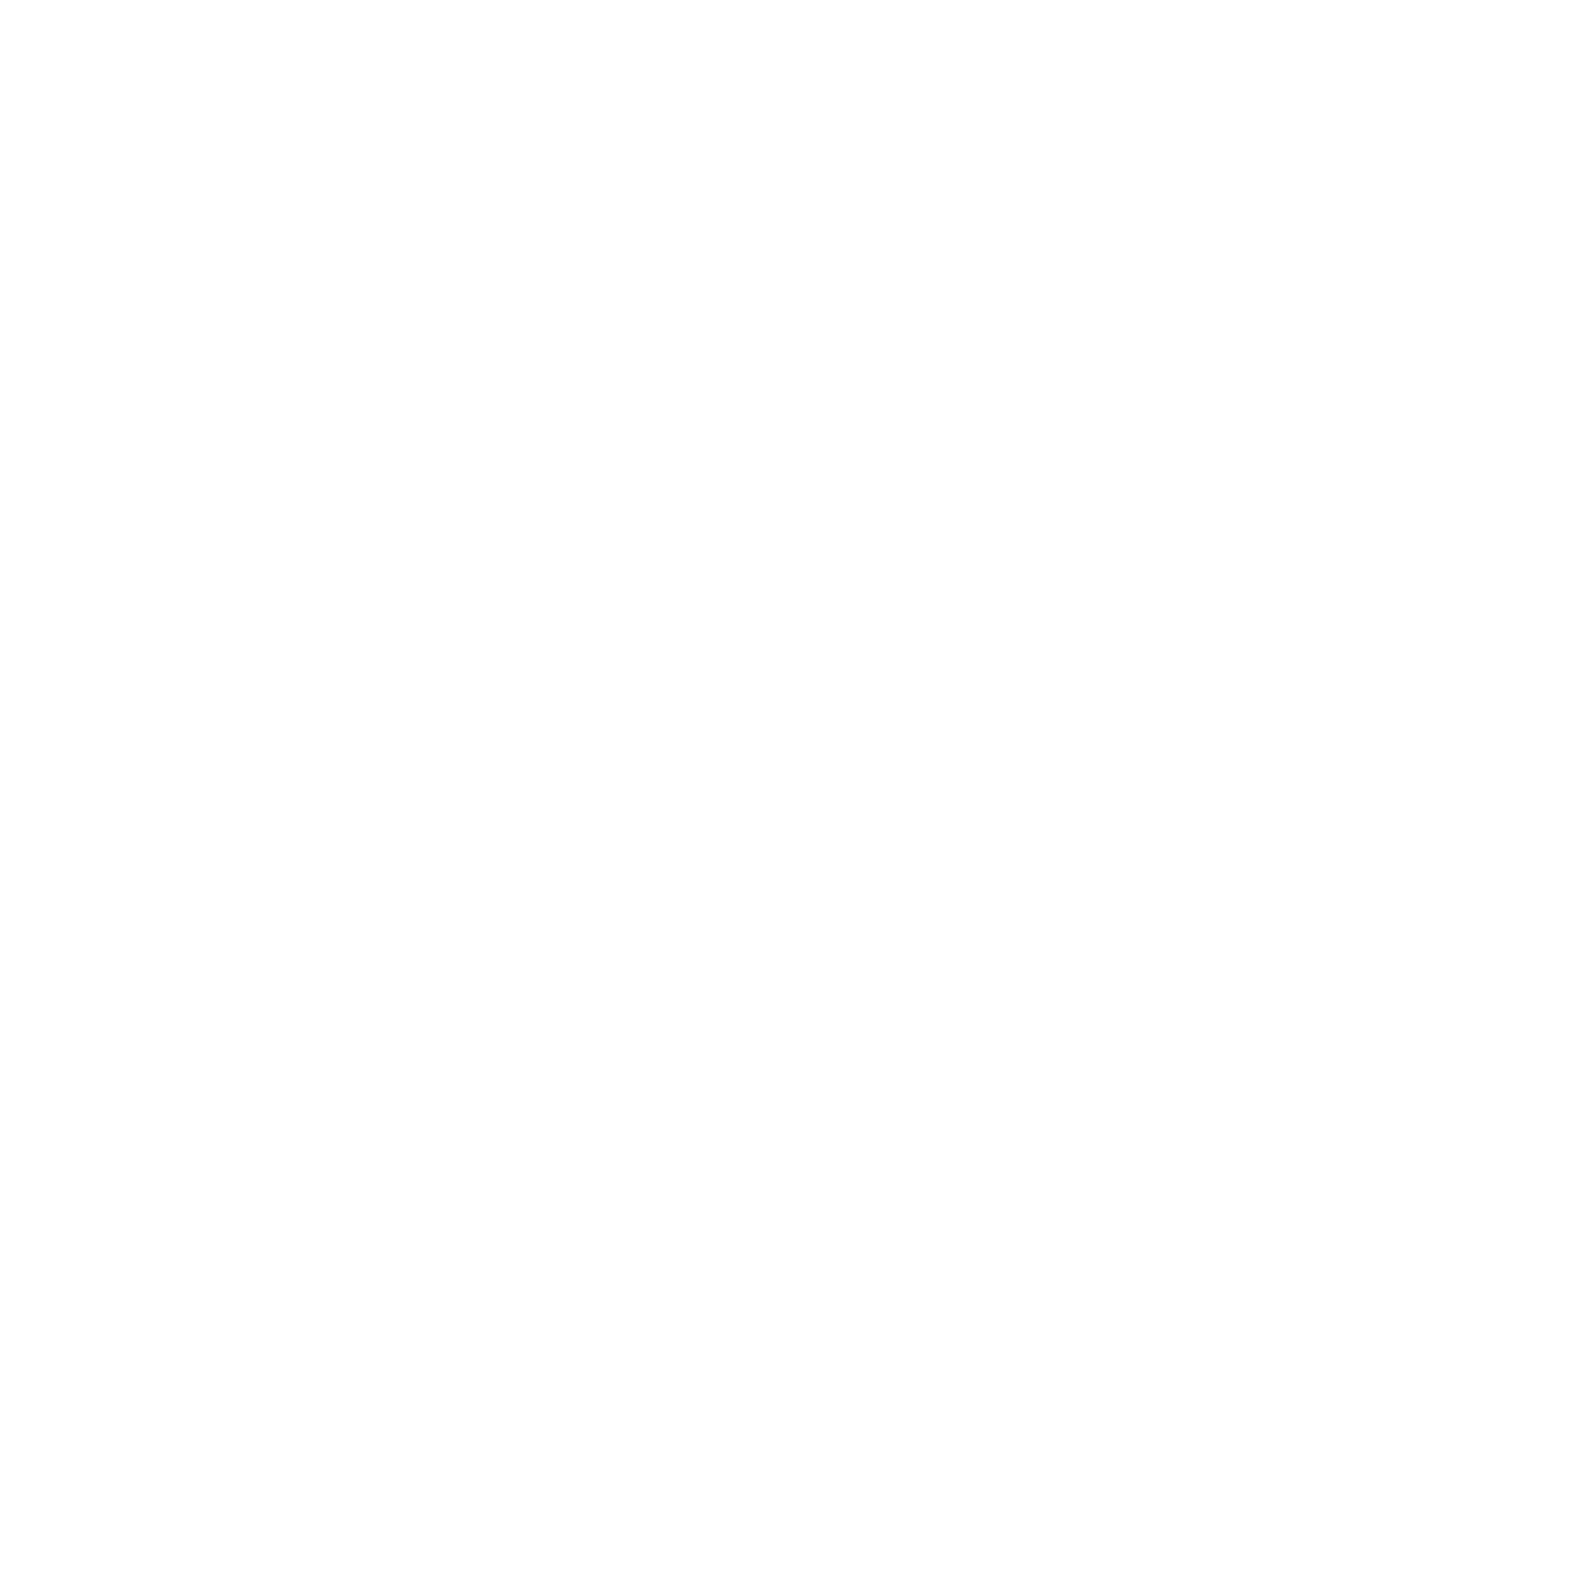 ZS6 Stalowa Wola